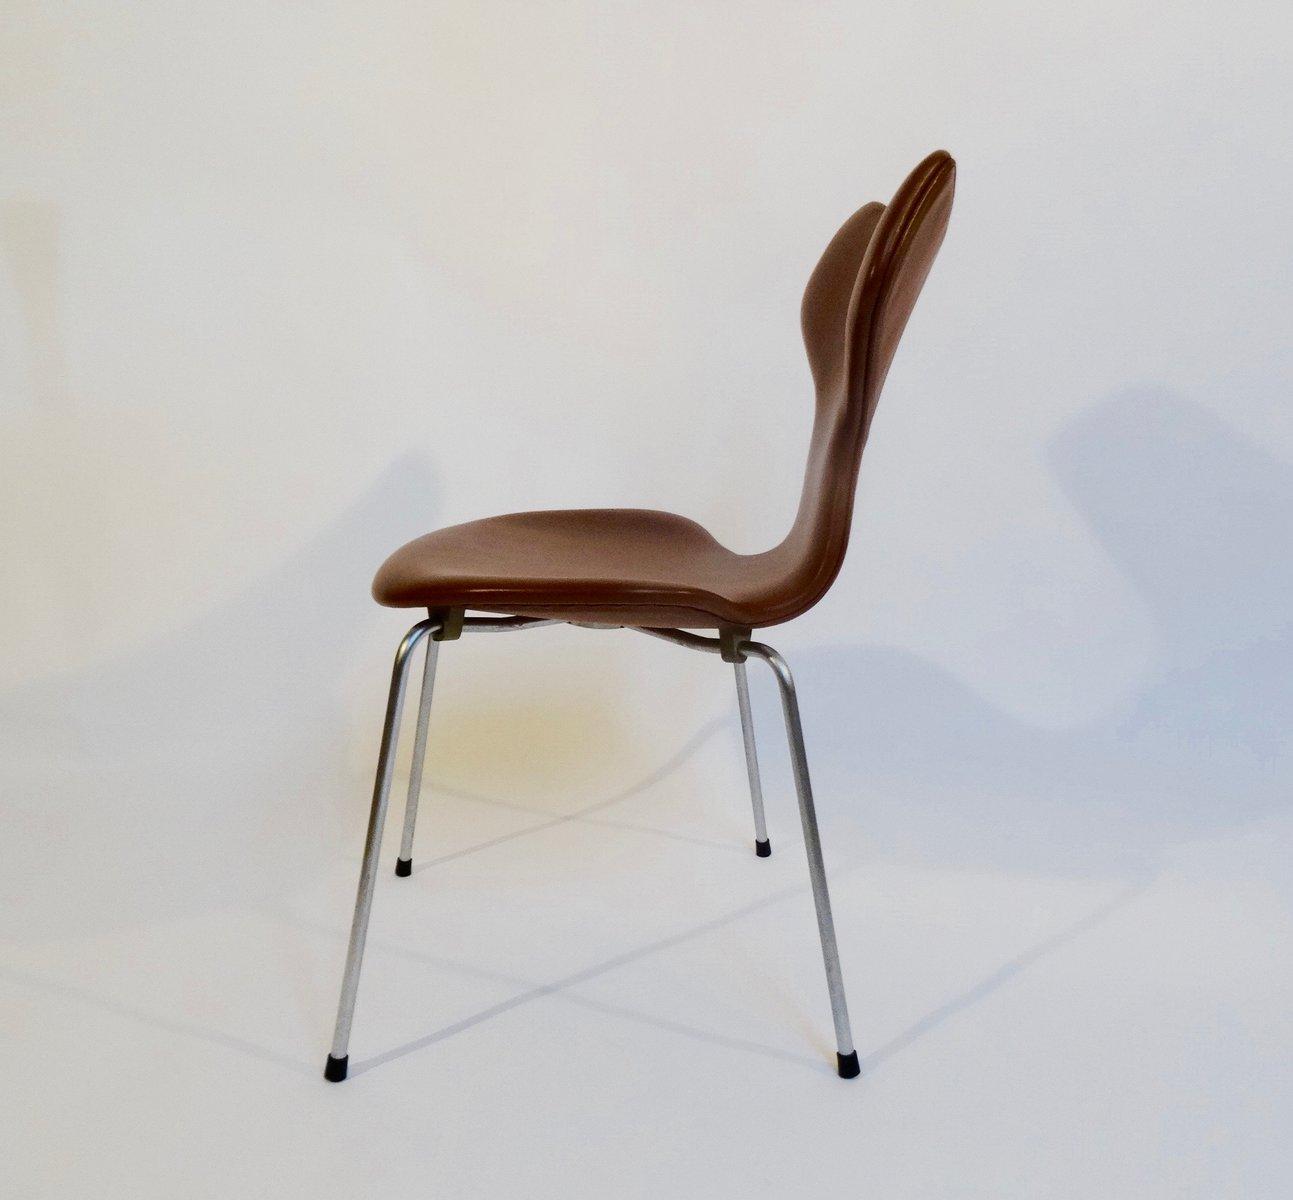 grand prix stuhl von arne jacobsen f r fritz hansen 1964 bei pamono kaufen. Black Bedroom Furniture Sets. Home Design Ideas